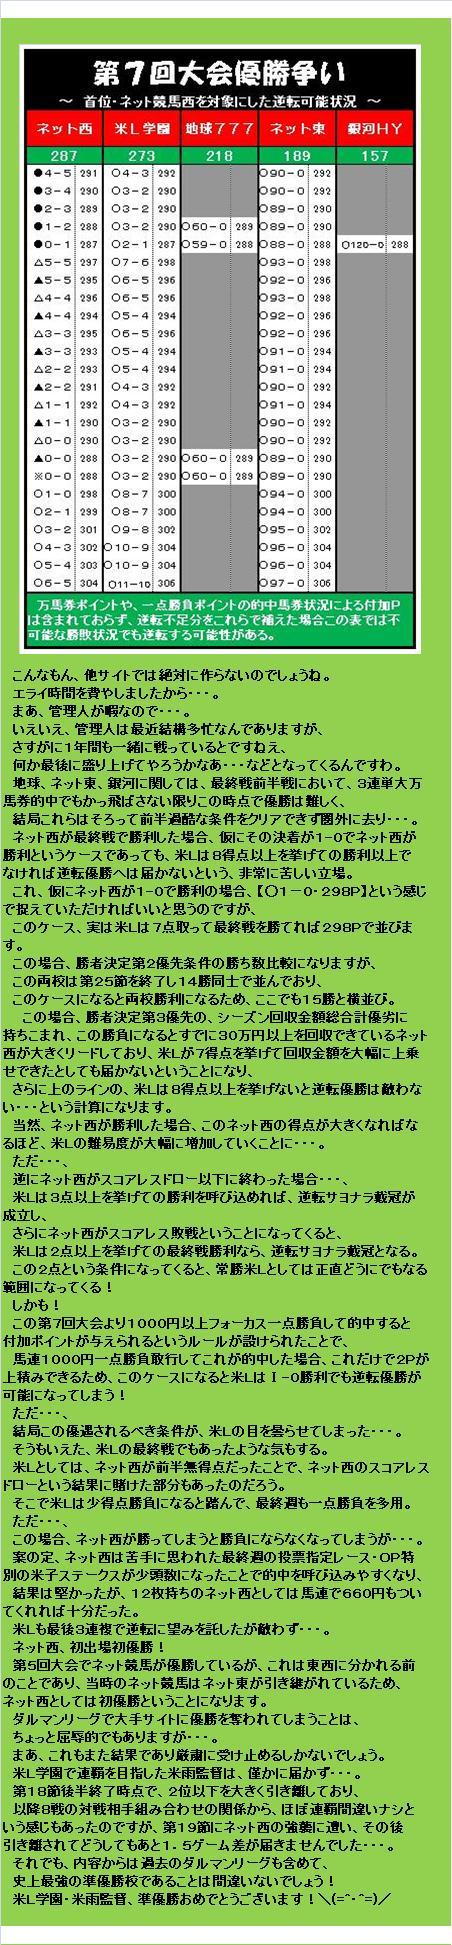 20160619・ダルマンリーグ第26節後半終了結果①C.jpg